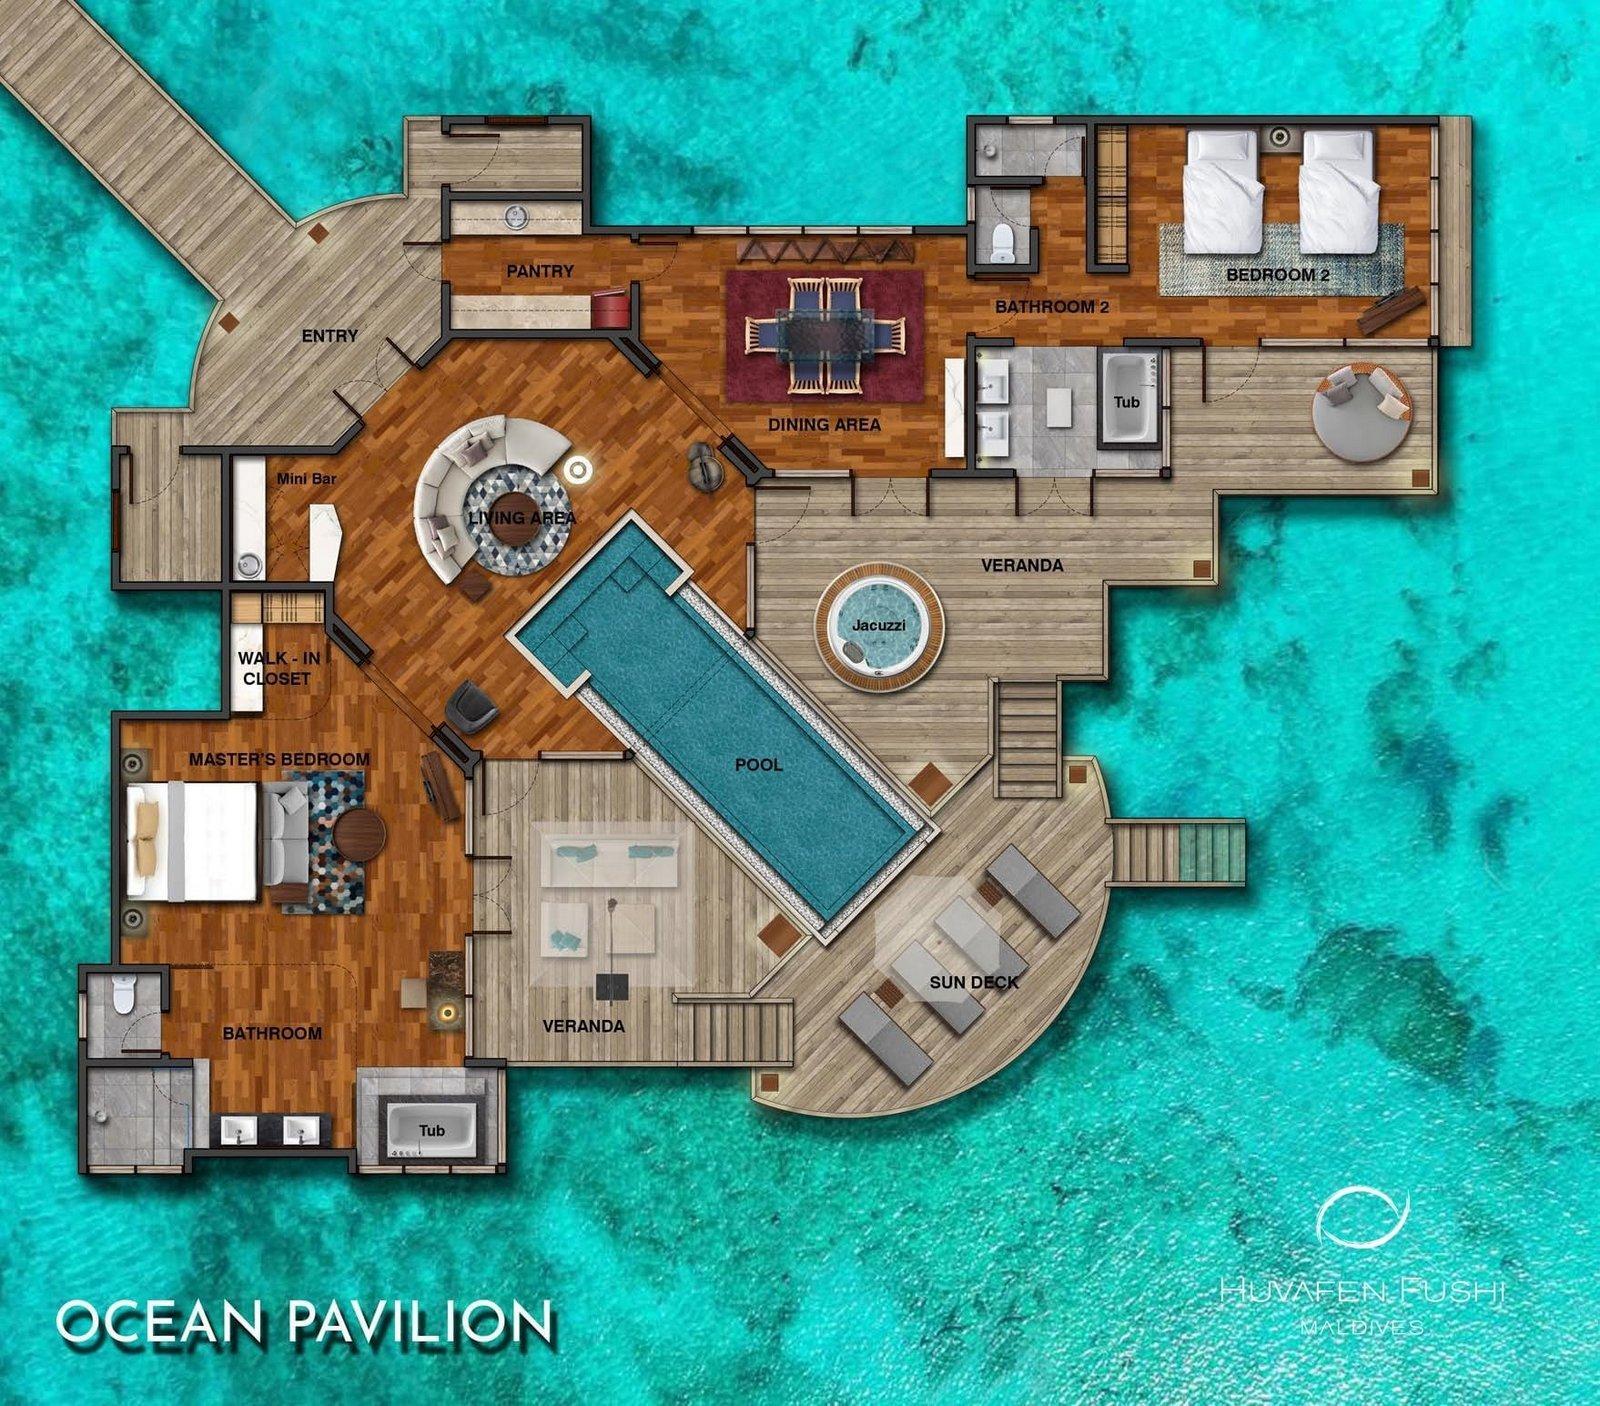 Мальдивы, отель Huvafen Fushi Maldives, план-схема номера Two Bed Room Ocean Bungalow with Pool